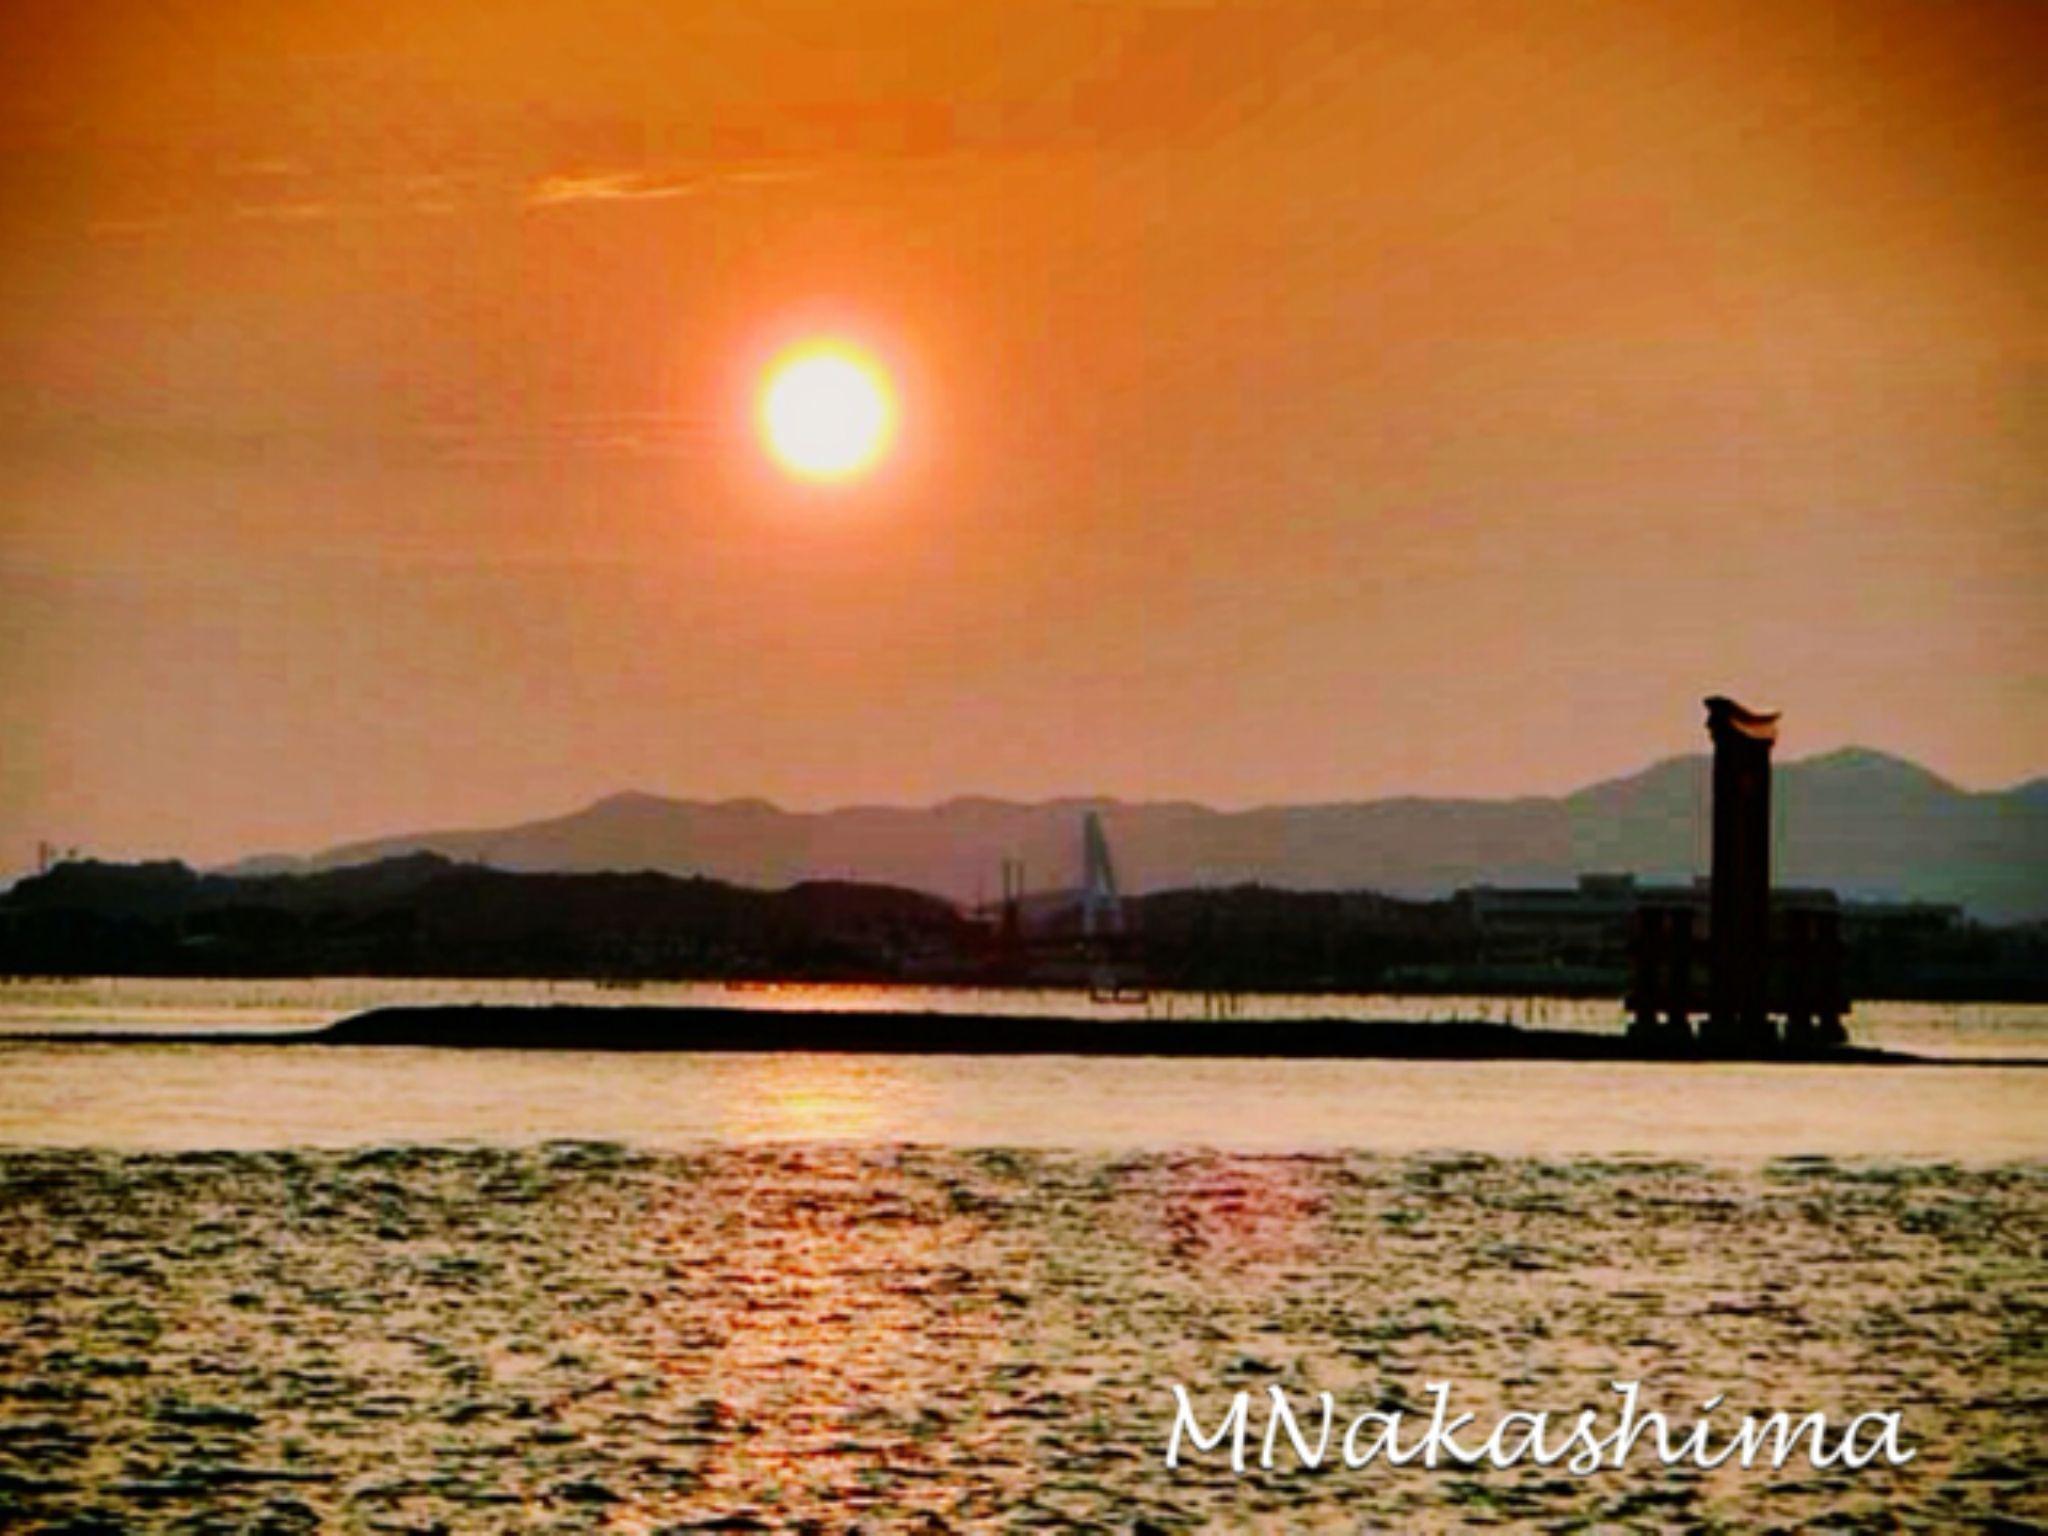 IMG_4703 by marina.nakashima